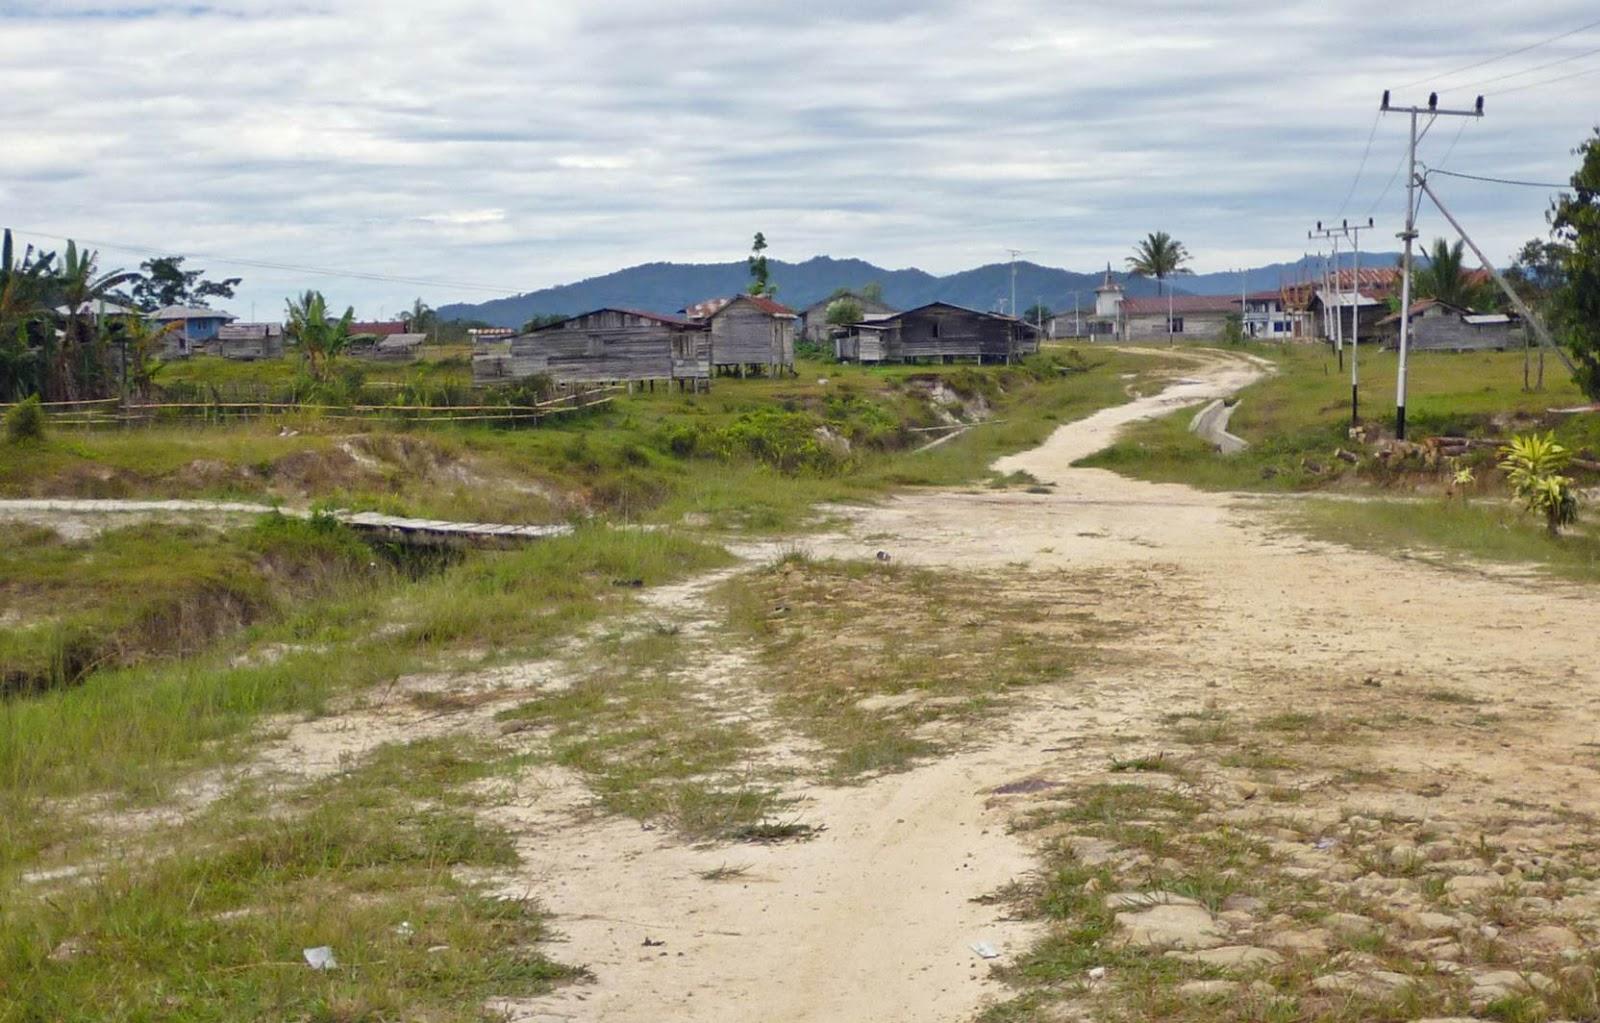 Love Krayan Masyarakat Minta Pembangunan Perbatasan Diperhatikan Air Terjun Kab